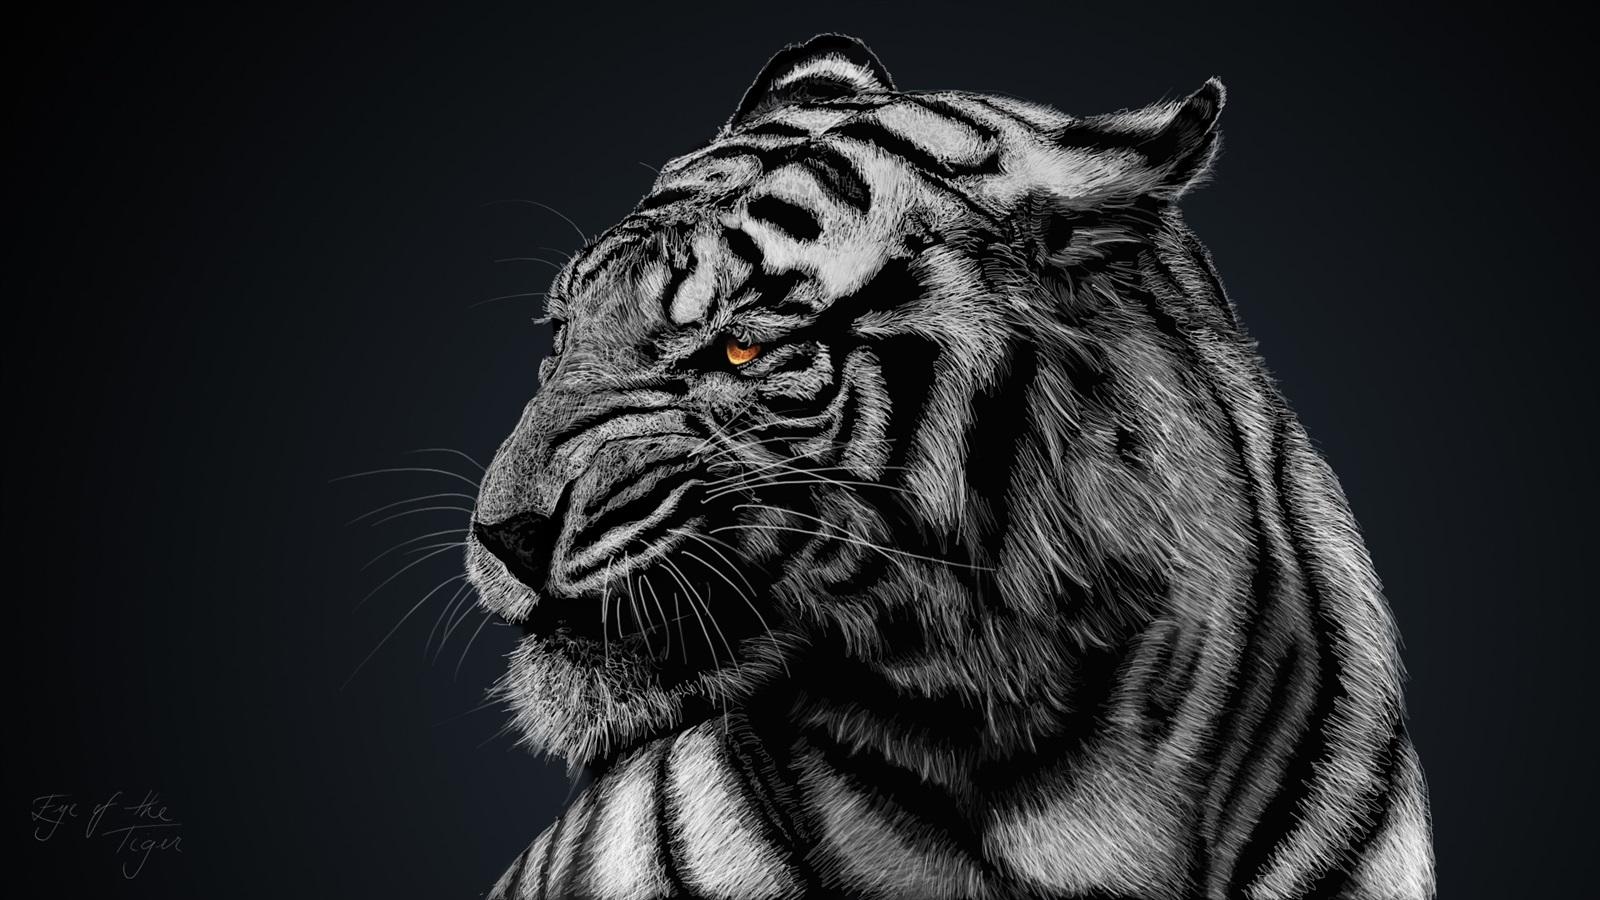 Fondos De Pantalla Tigre Blanco, Fondo Negro 1920x1080